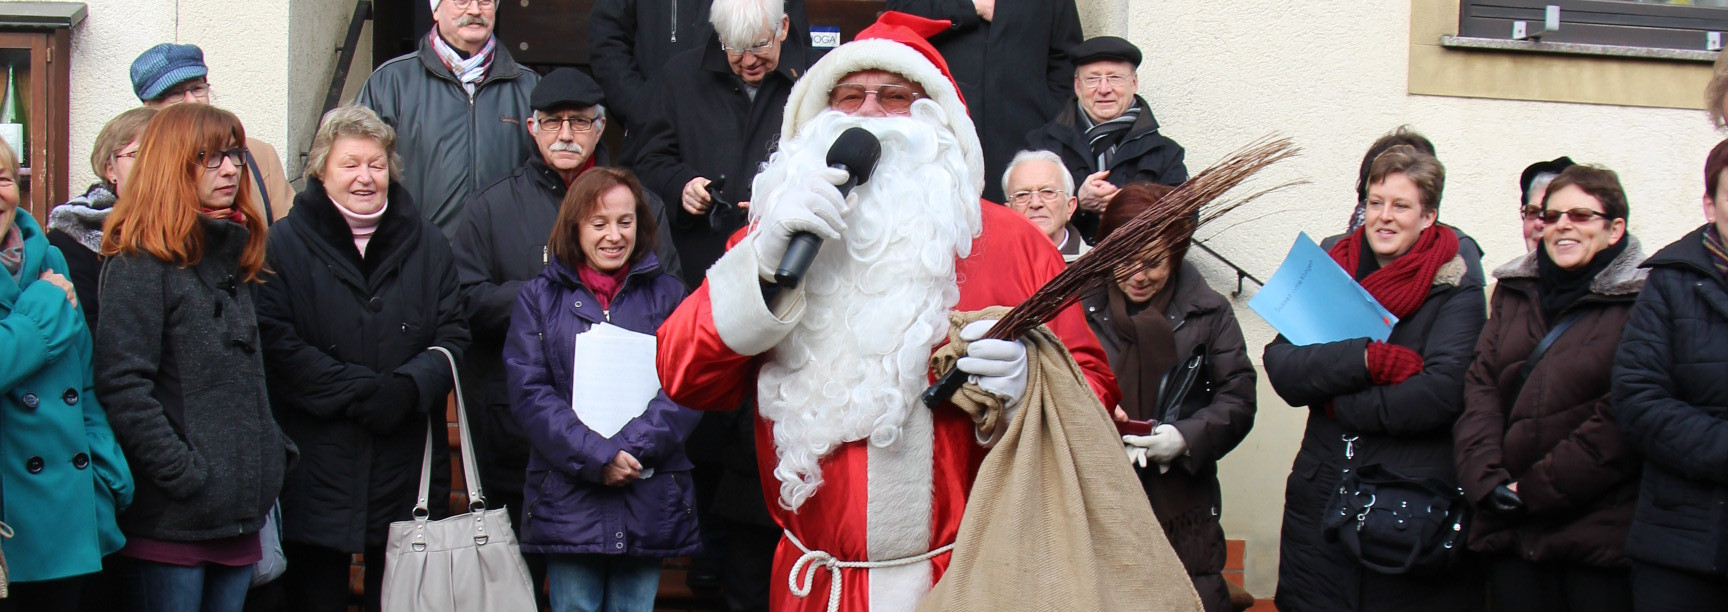 Weihnachtsmarkt_Langenbruecken_2014